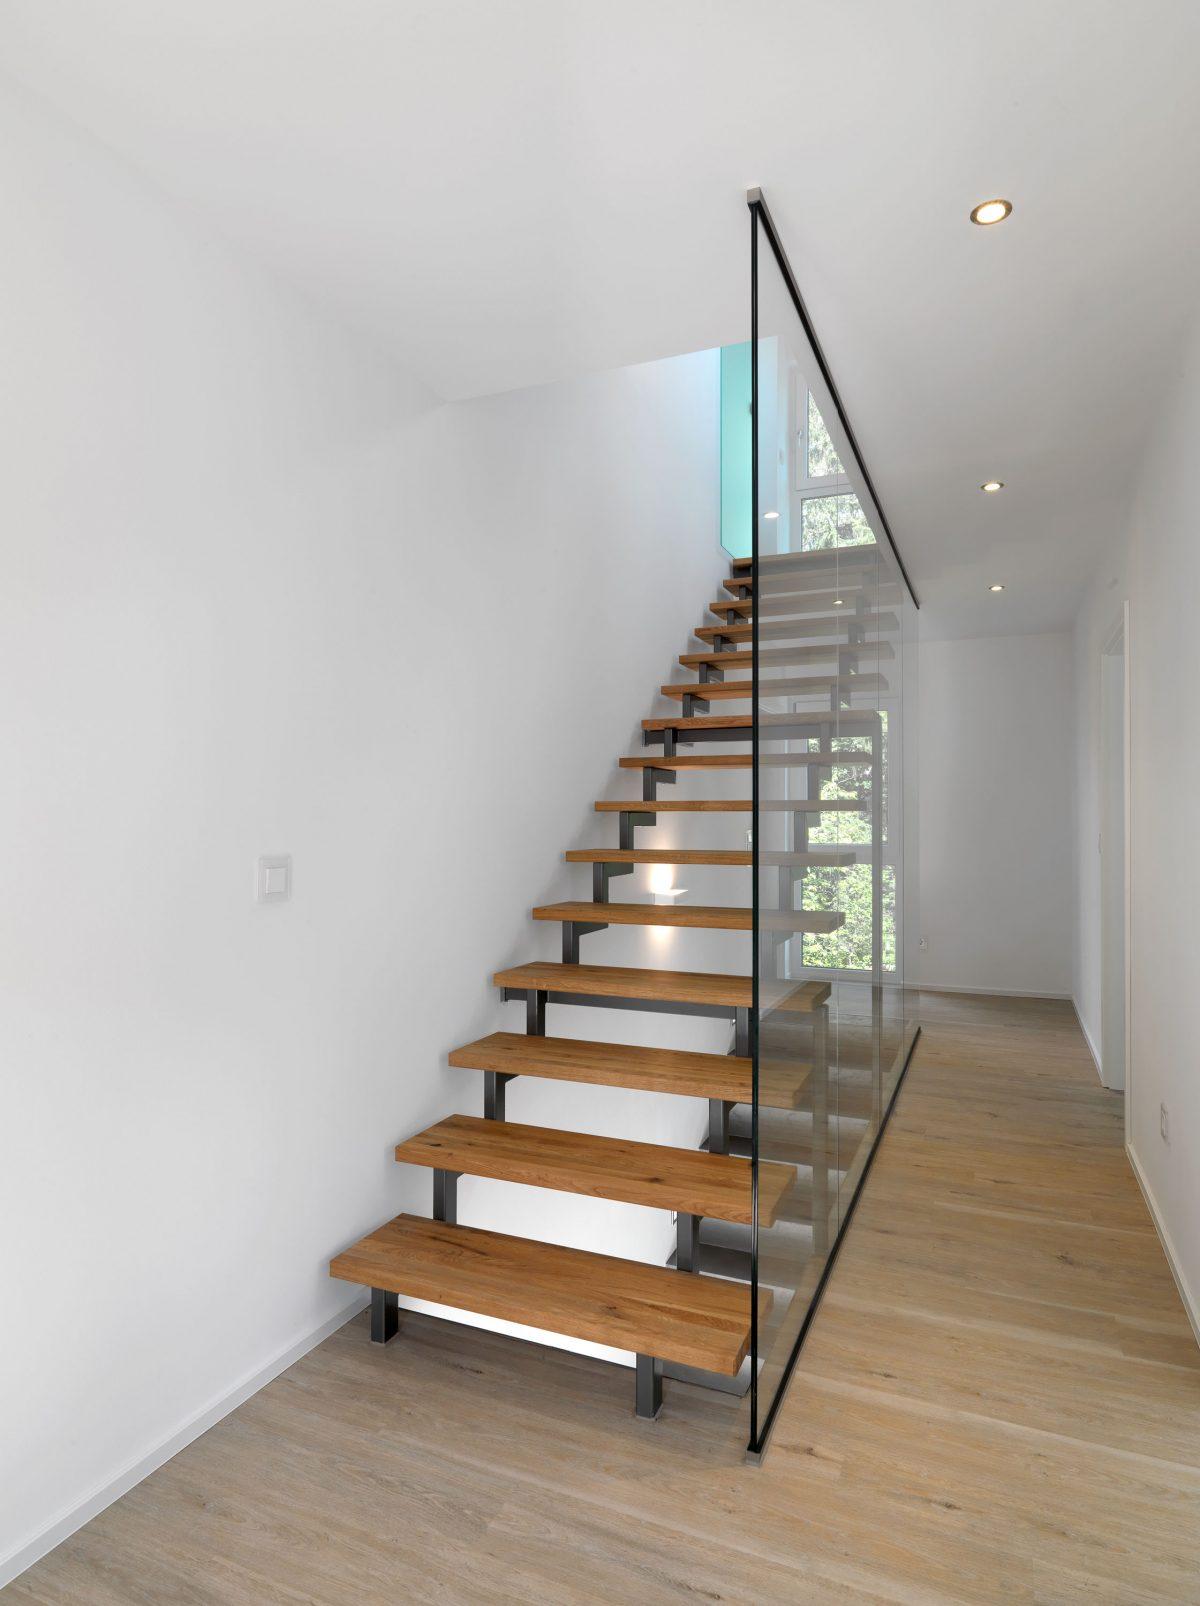 Die setzstufenlose gerade Treppe auf zwei Stahlholmen abgetrennt vom Flur durch feste Glaselemente.